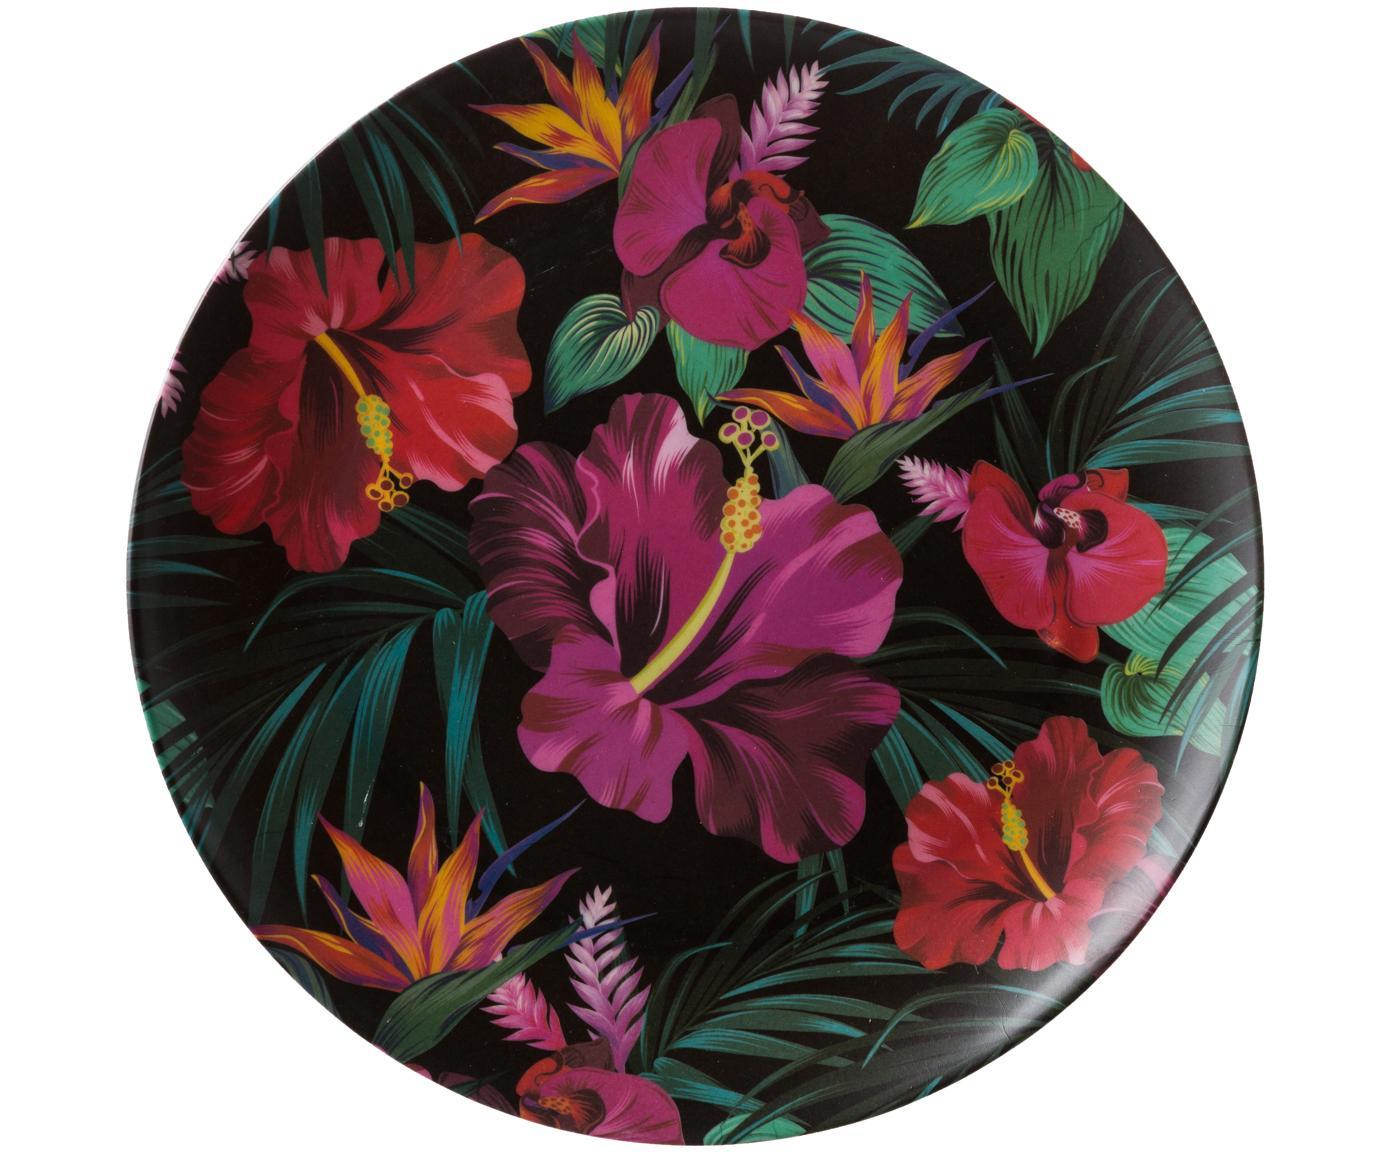 Plato llano de bambú Tropical Flower, 55%fibras de bambú, 25%almidón de maíz, 15%melamina, Tonos verdes, tonos fucsias, rojo, blanco, Ø 25 cm